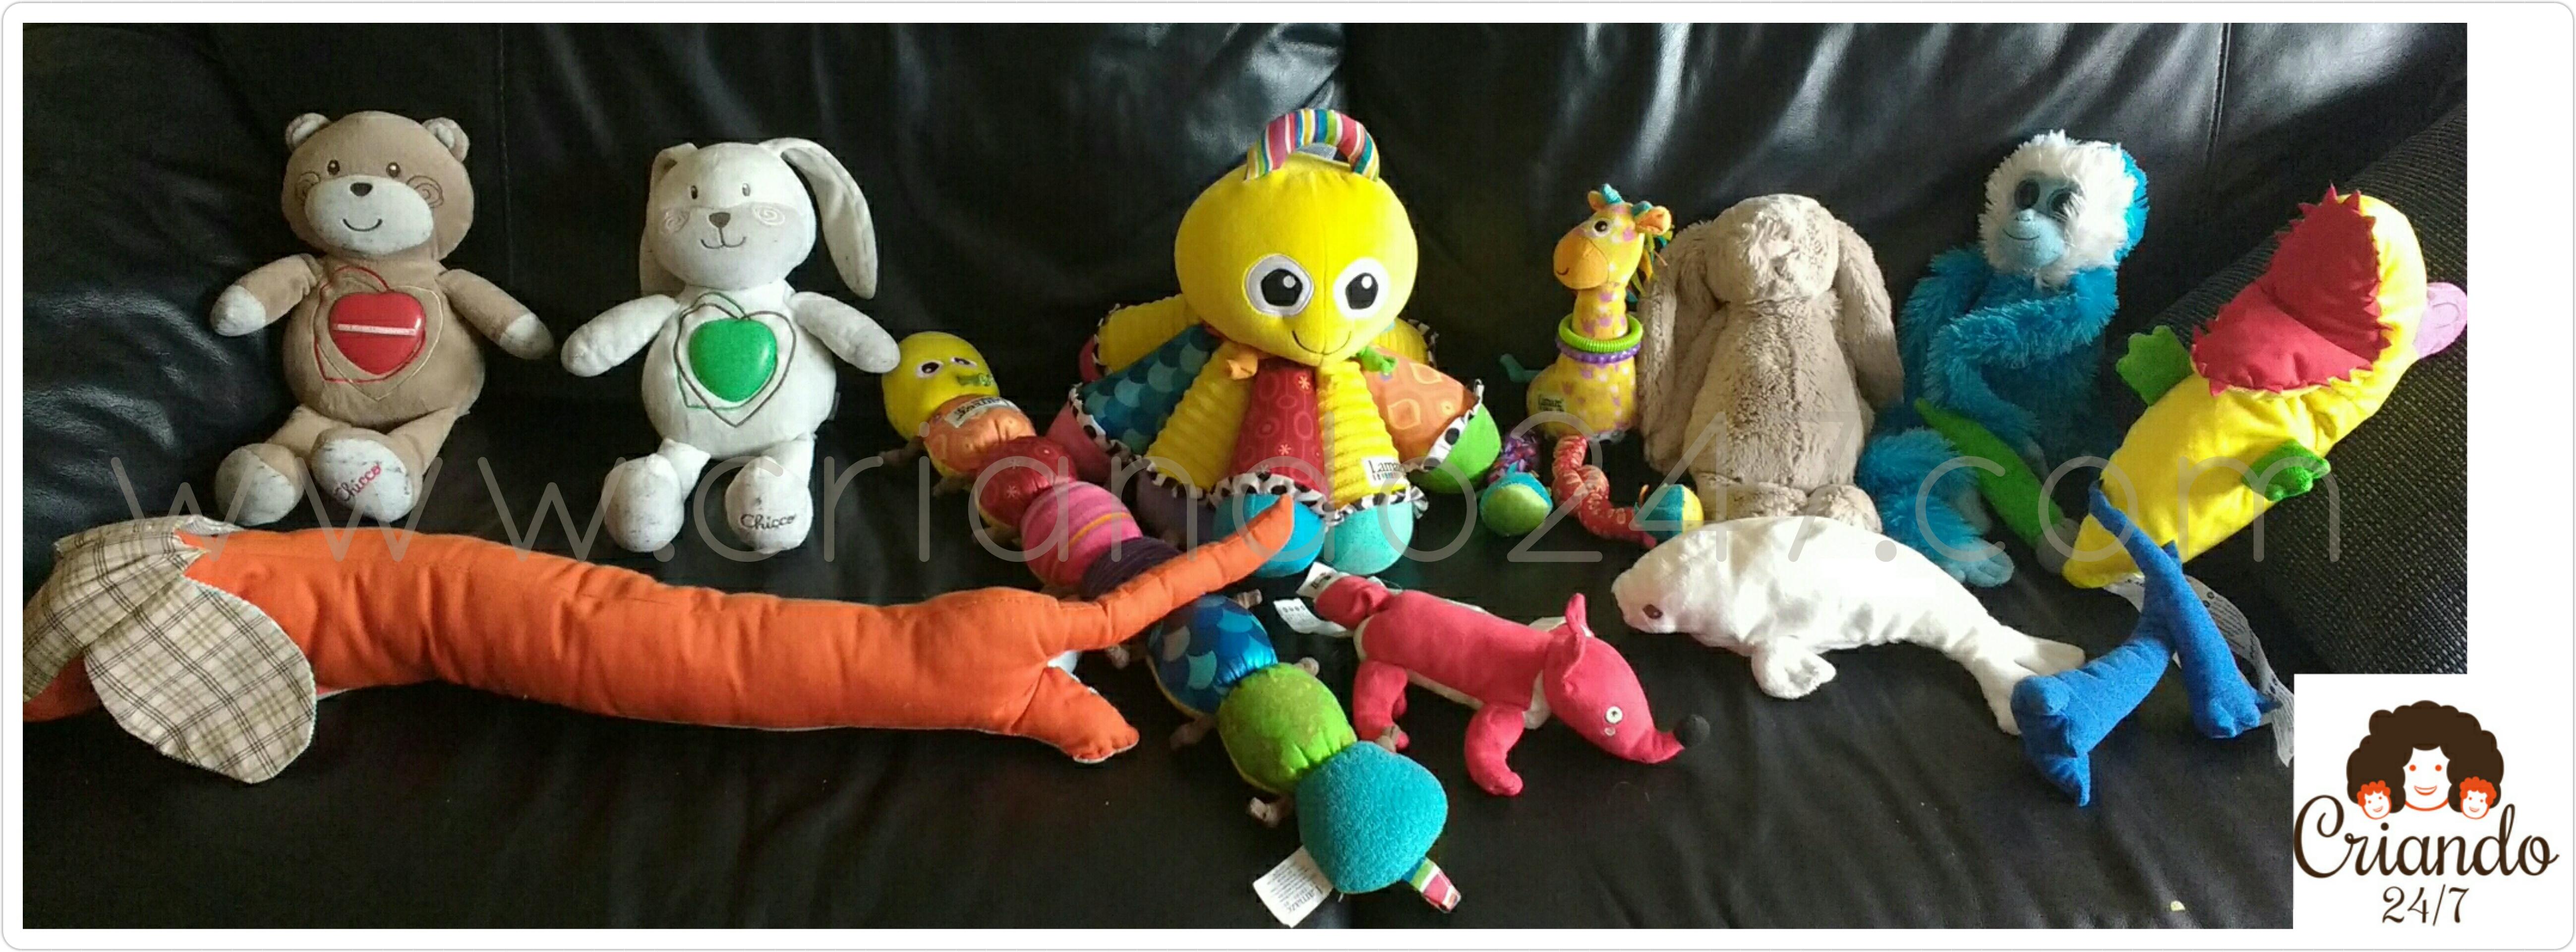 muchos muñecos de peluche de colores sentados sobre un sofá de piel color negro